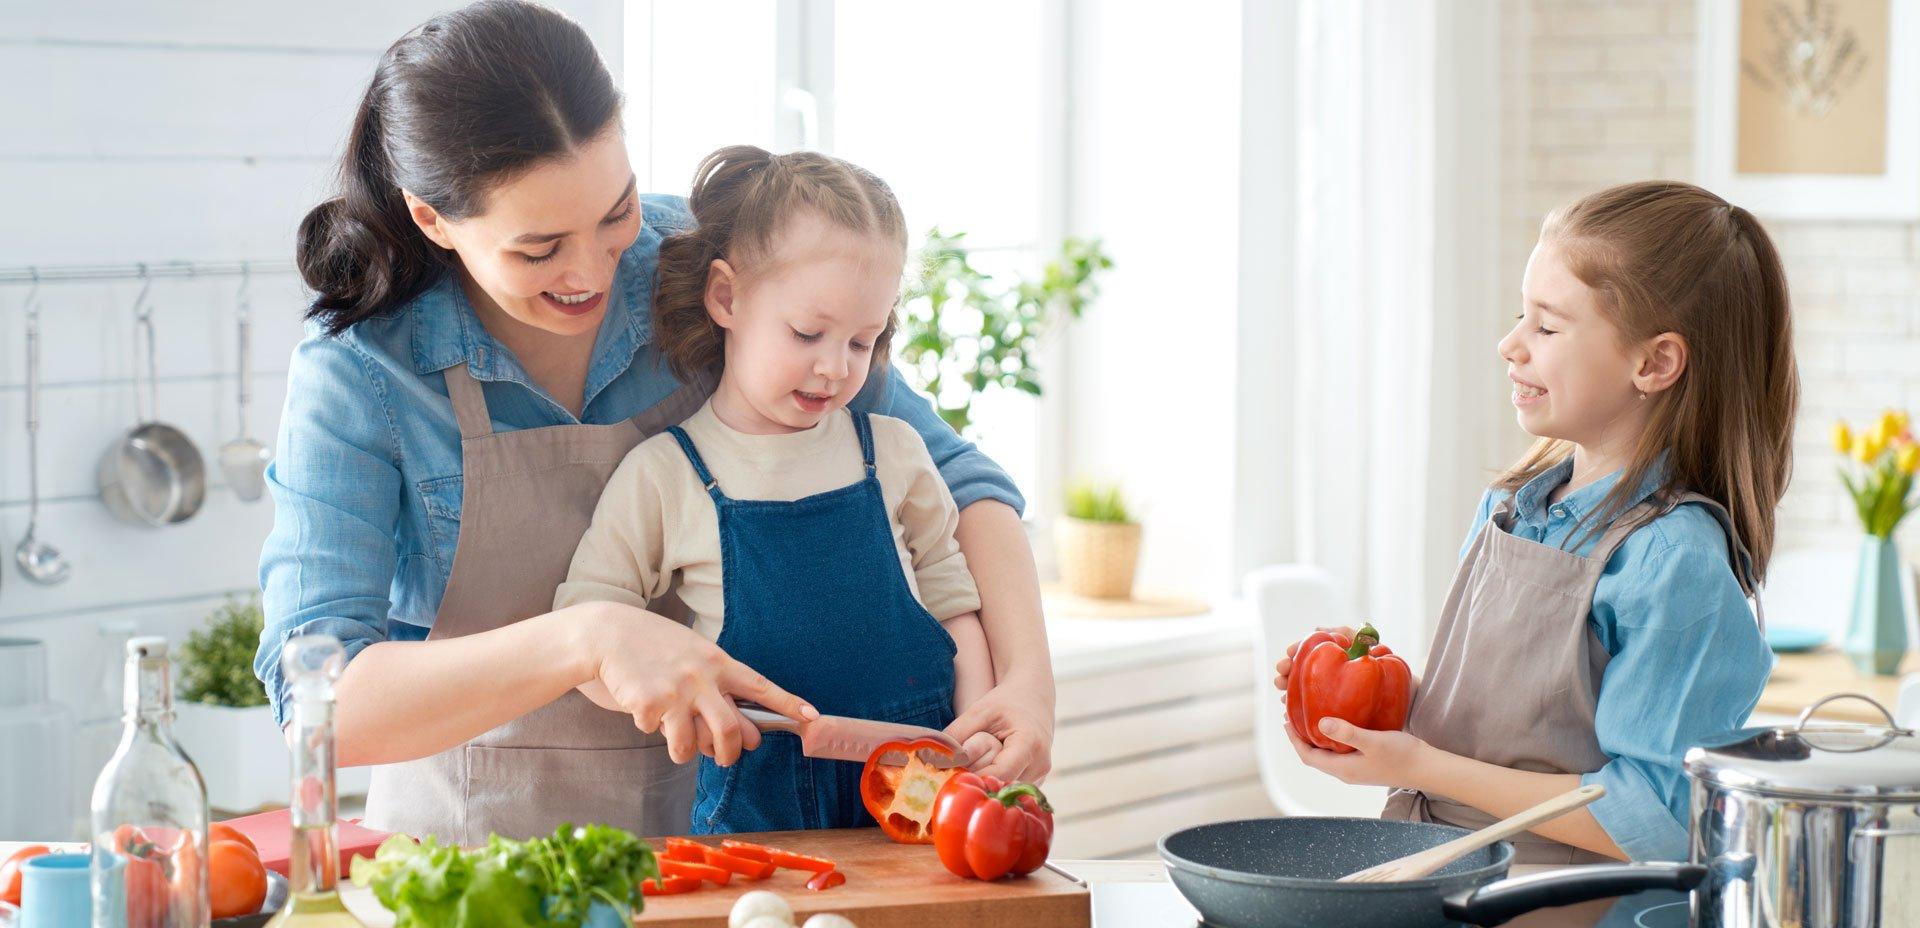 bambine cucinano con la mamma